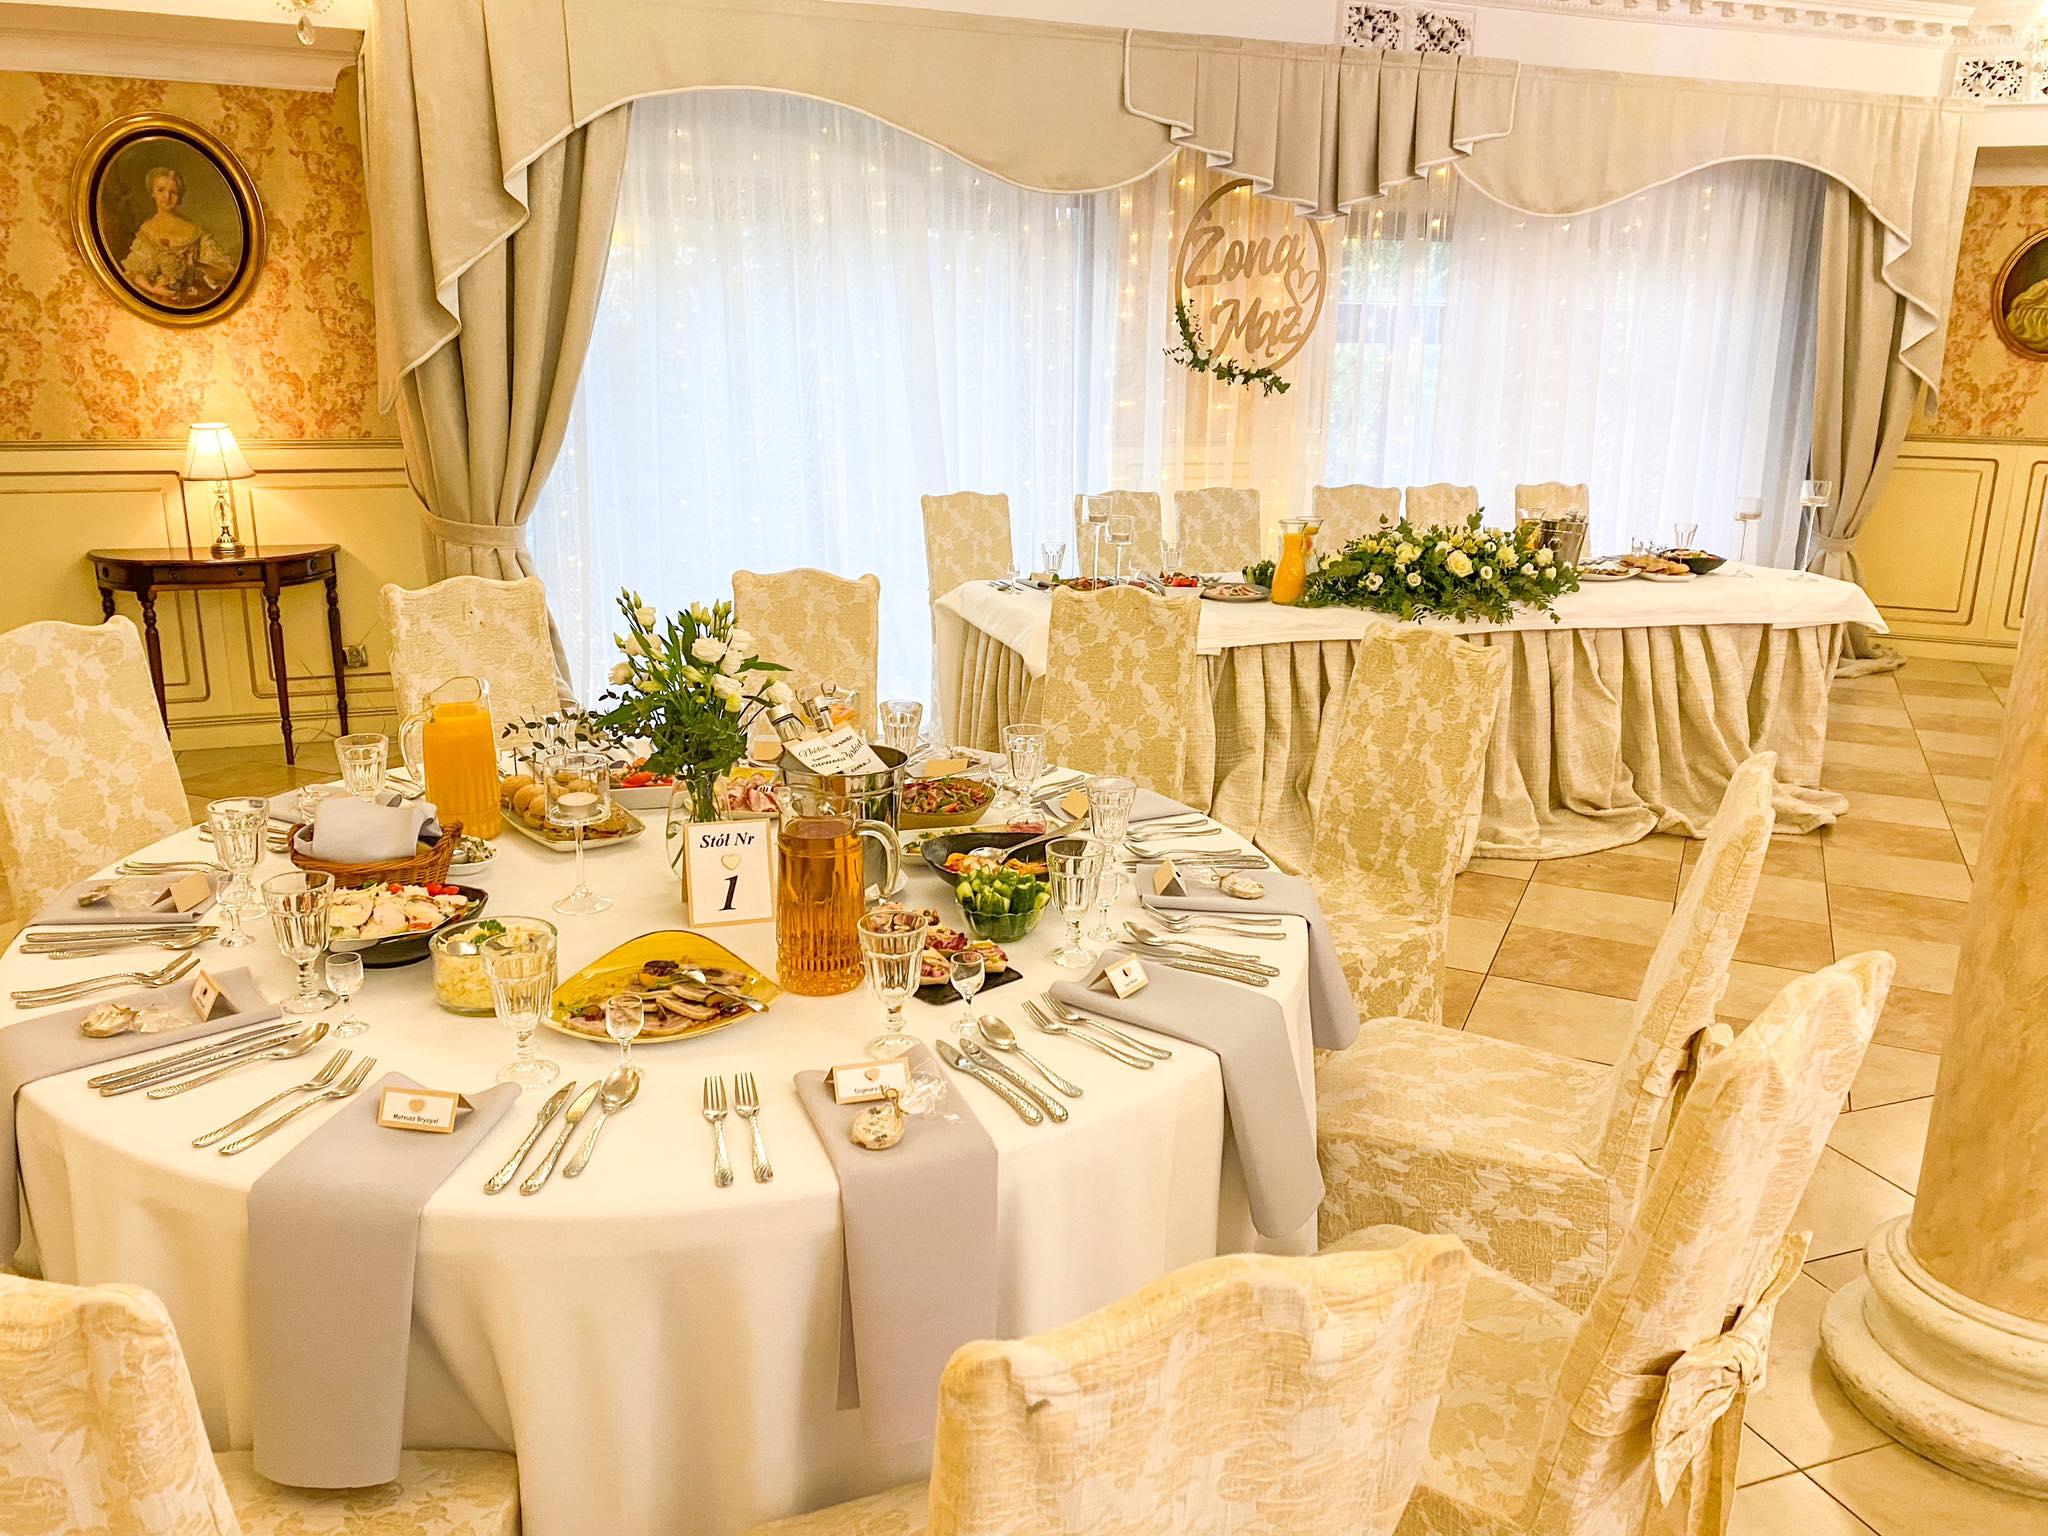 przystrojone stoły weselne